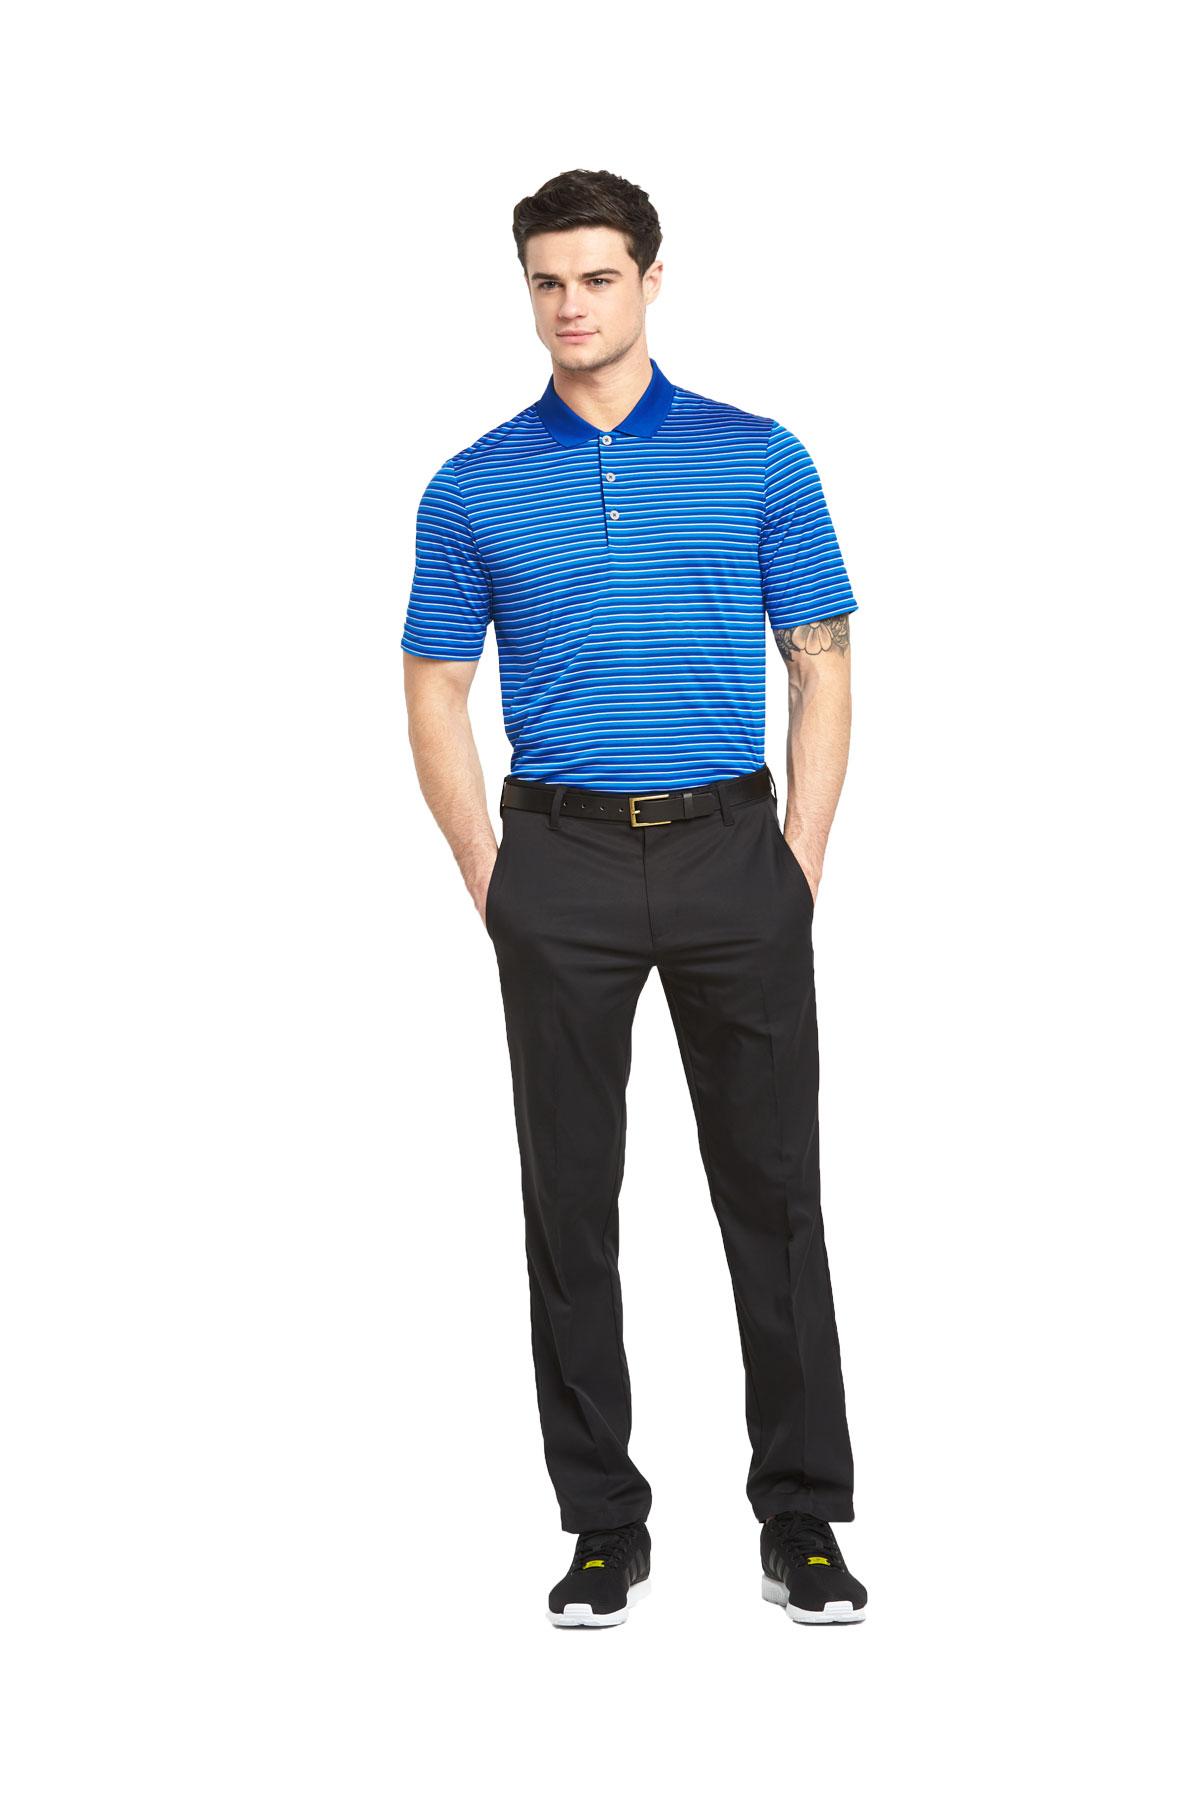 Adidas Mens Golf Tournament 3 Colour Stripe Polo Shirt